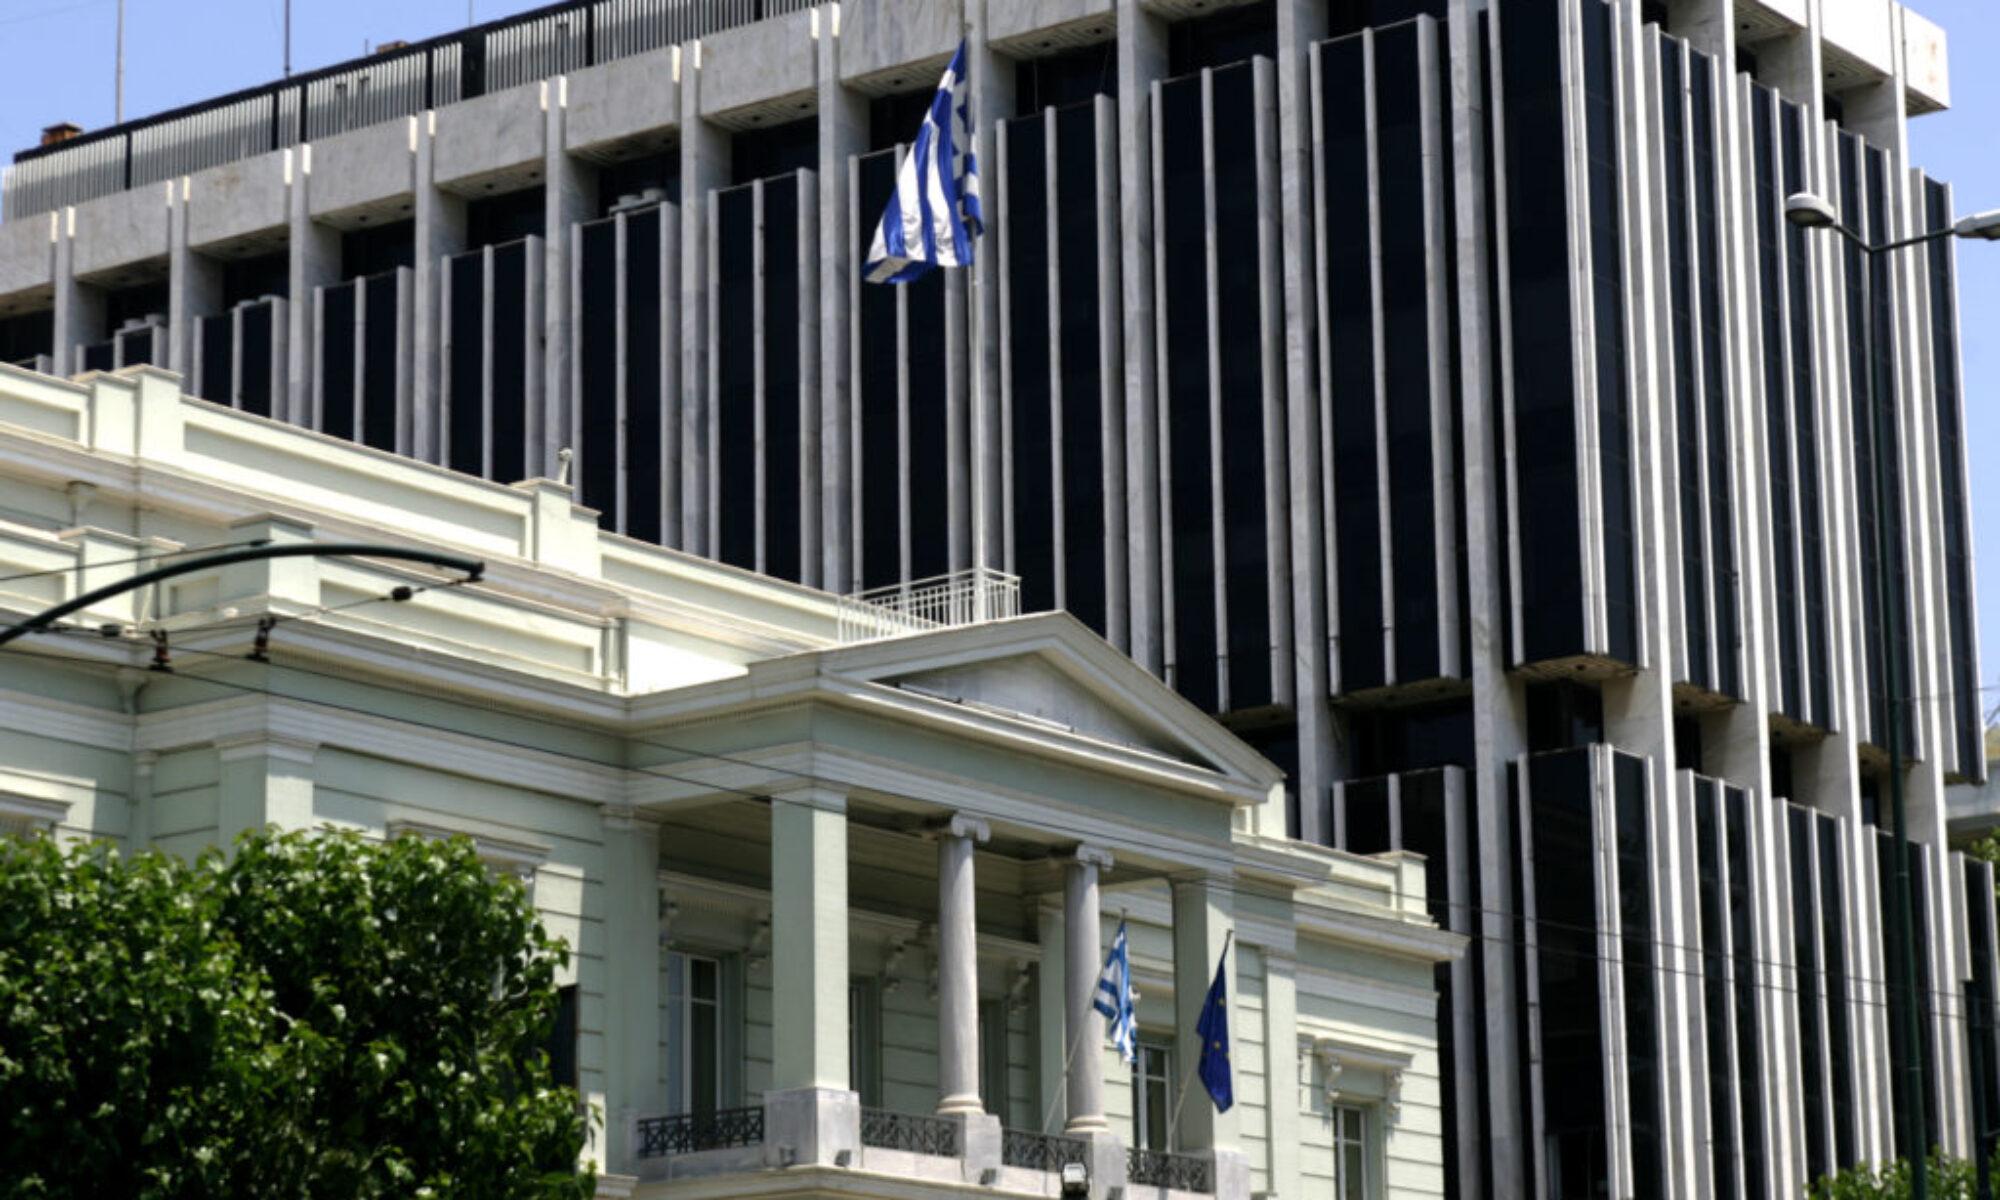 Yunanistan: Türkiye diğer ülkeleri istikrarsızlaştırmak için paralı askerler kullanıyor